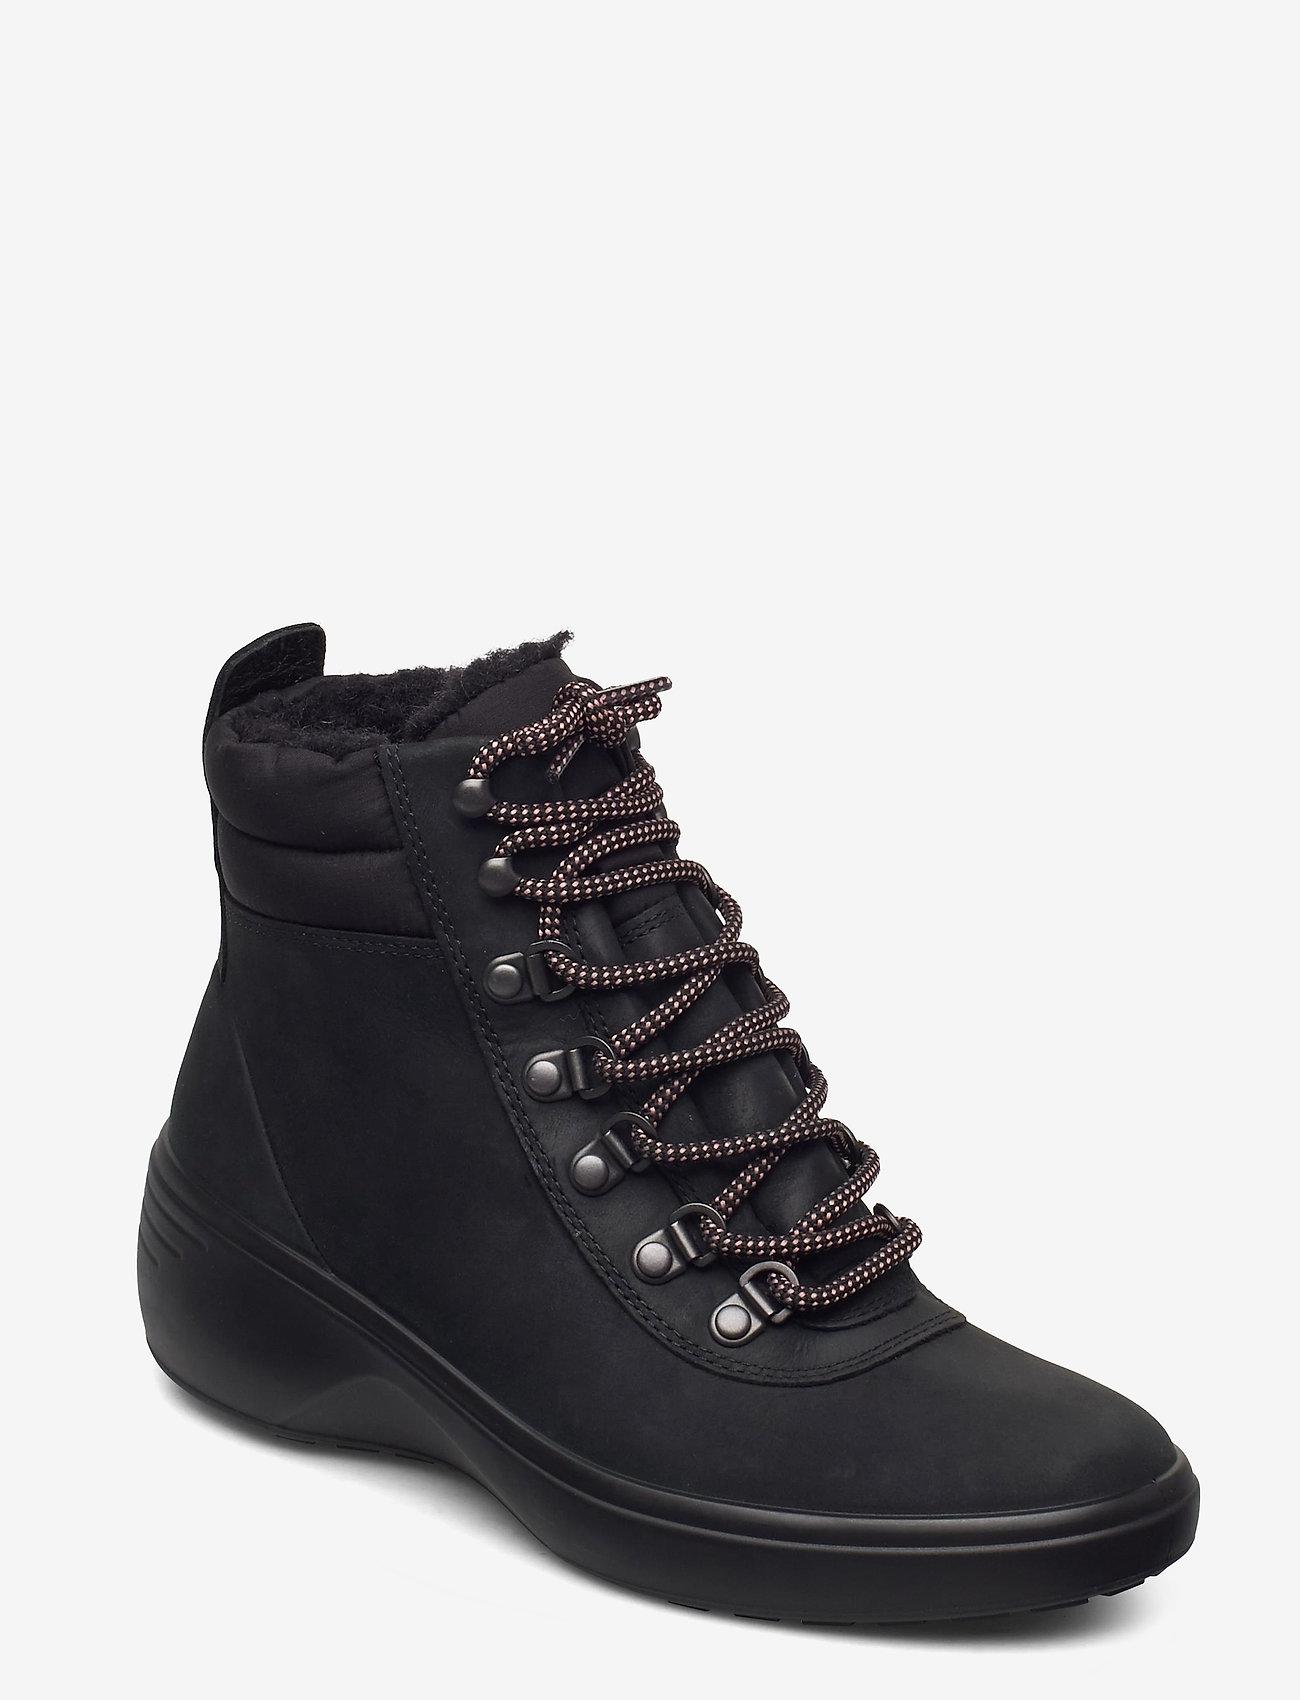 ECCO - SOFT 7 WEDGE TRED - flade ankelstøvler - black/black - 1